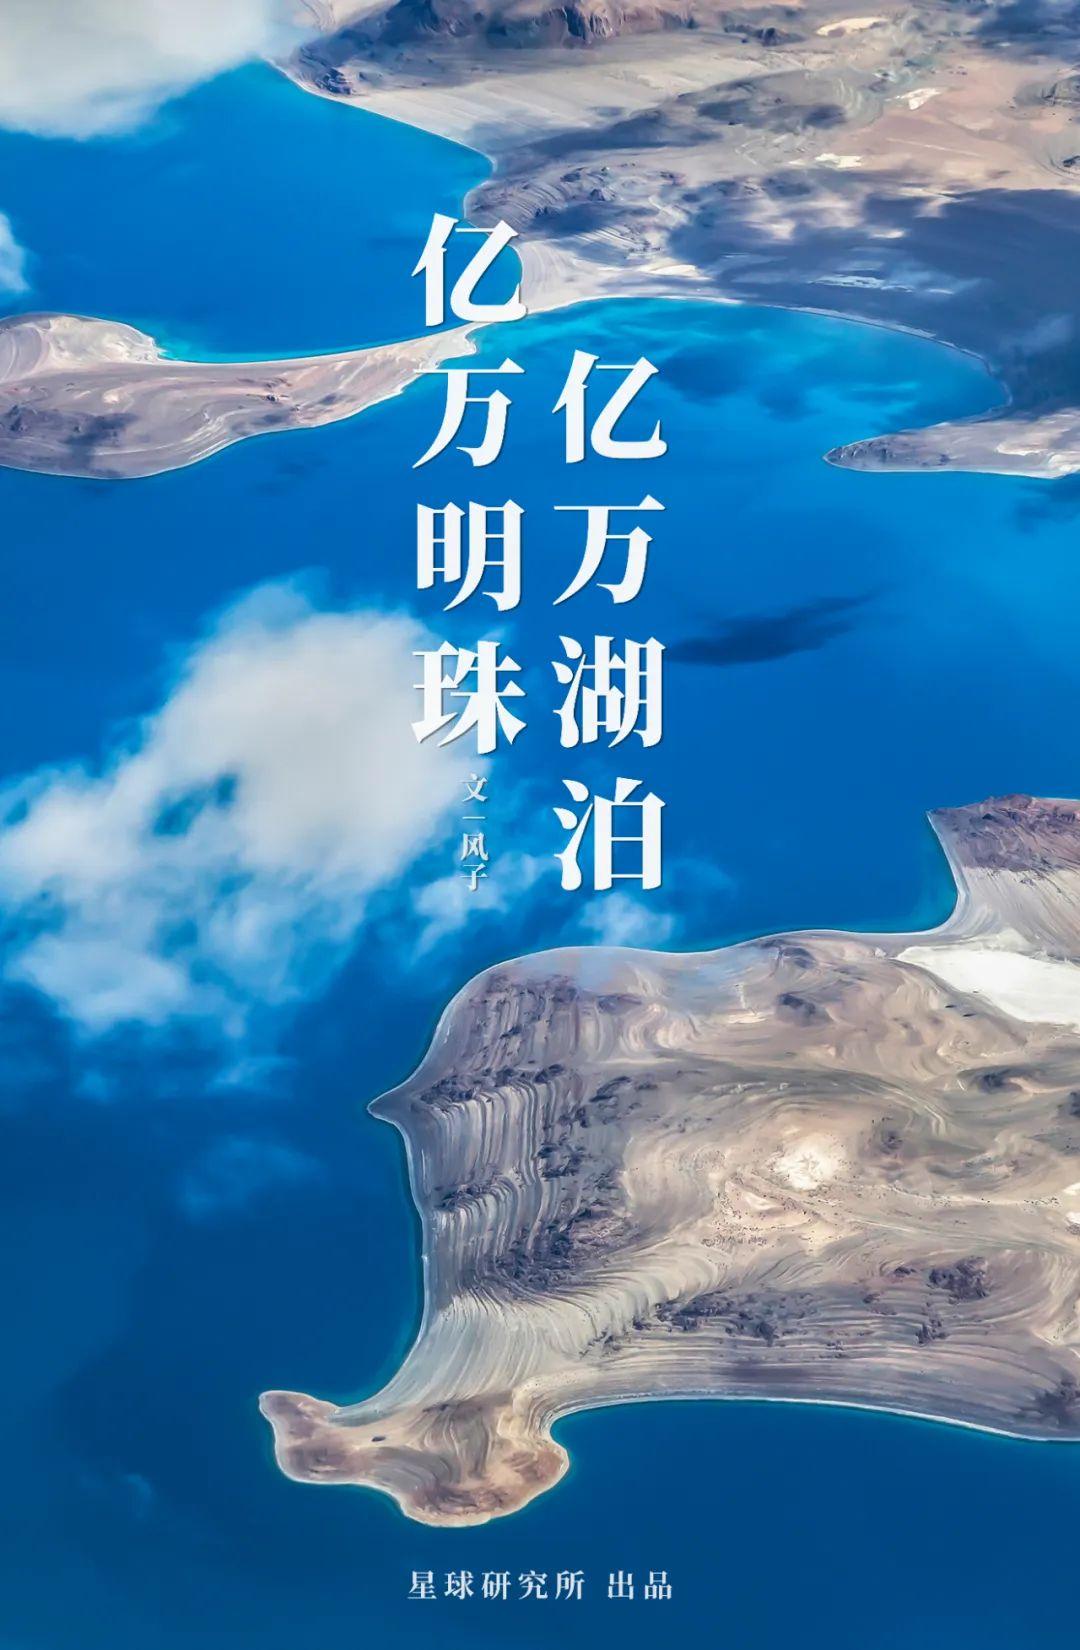 中国湖泊,有多美?